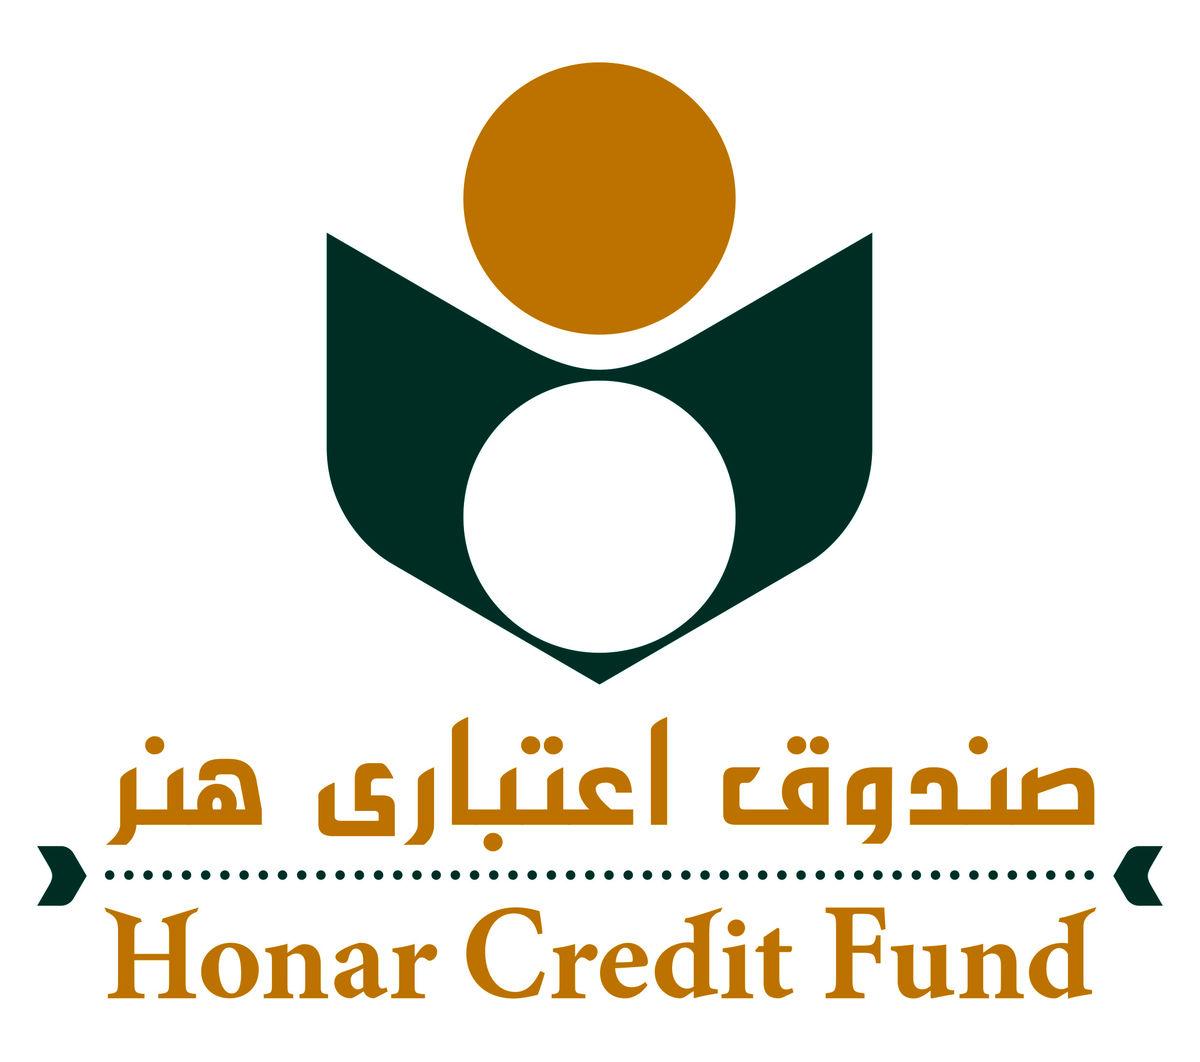 اطلاعیه صندوق اعتباری هنر درباره نحوه پرداخت حق بیمه